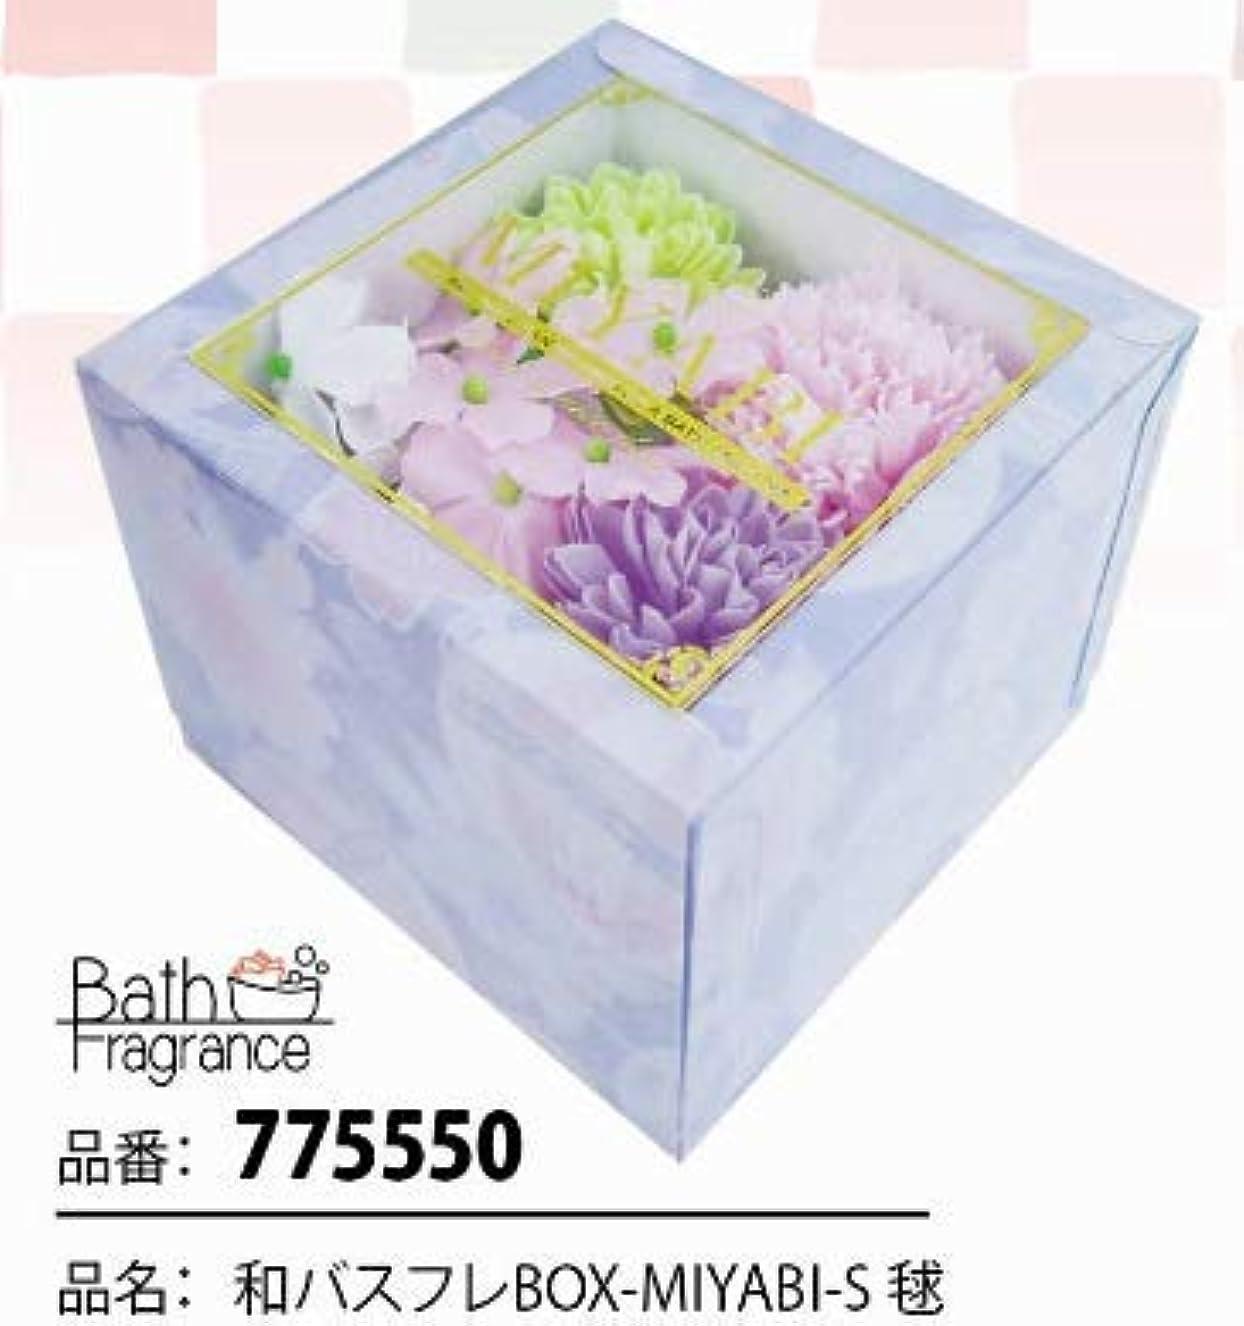 イルかけがえのないやさしい花のカタチの入浴剤 和バスフレBOX-MIYABI-S毬 775550